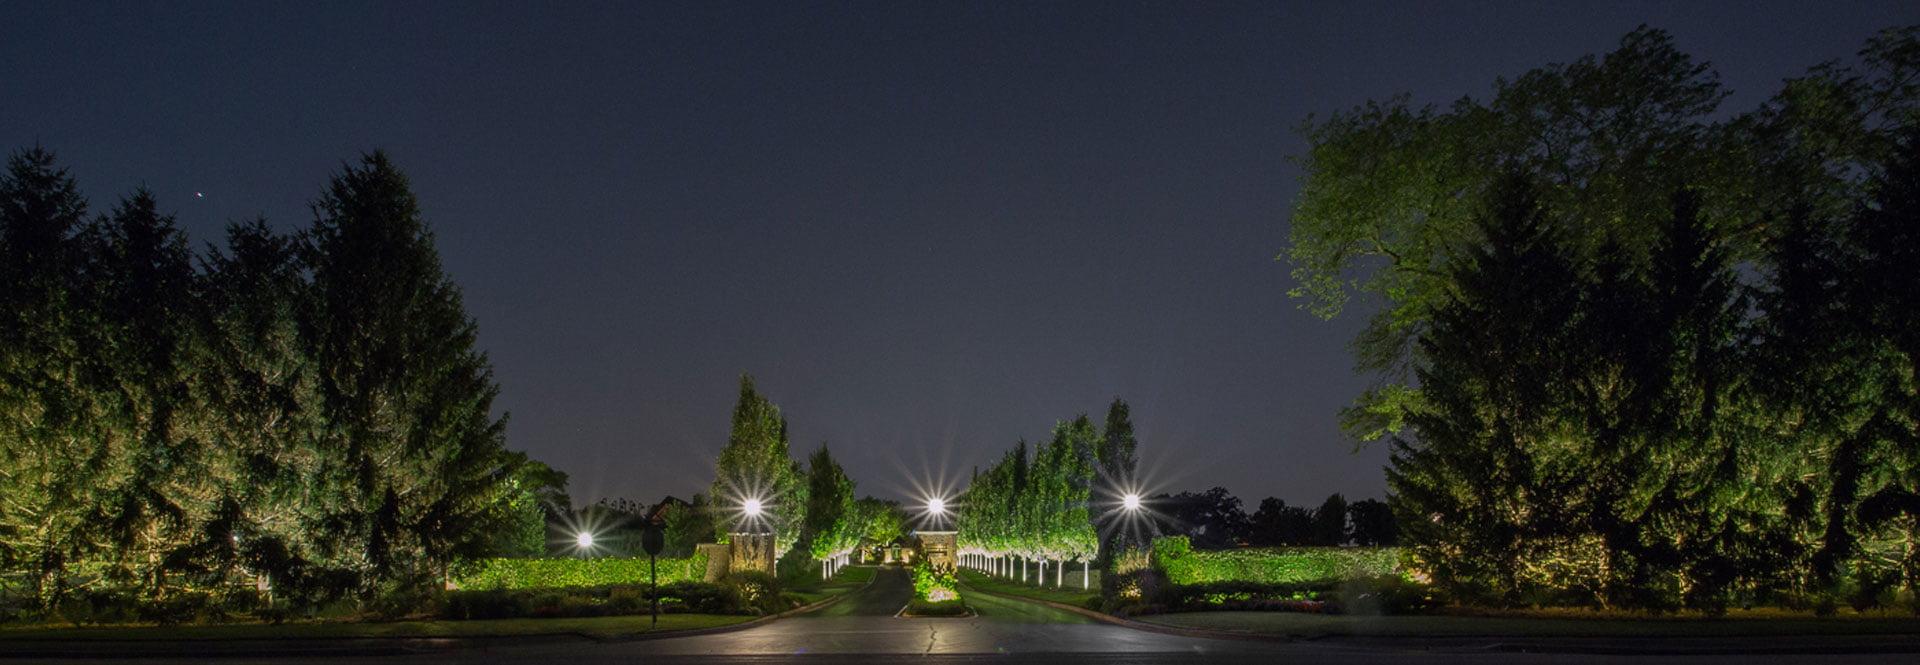 Night Light Inc.